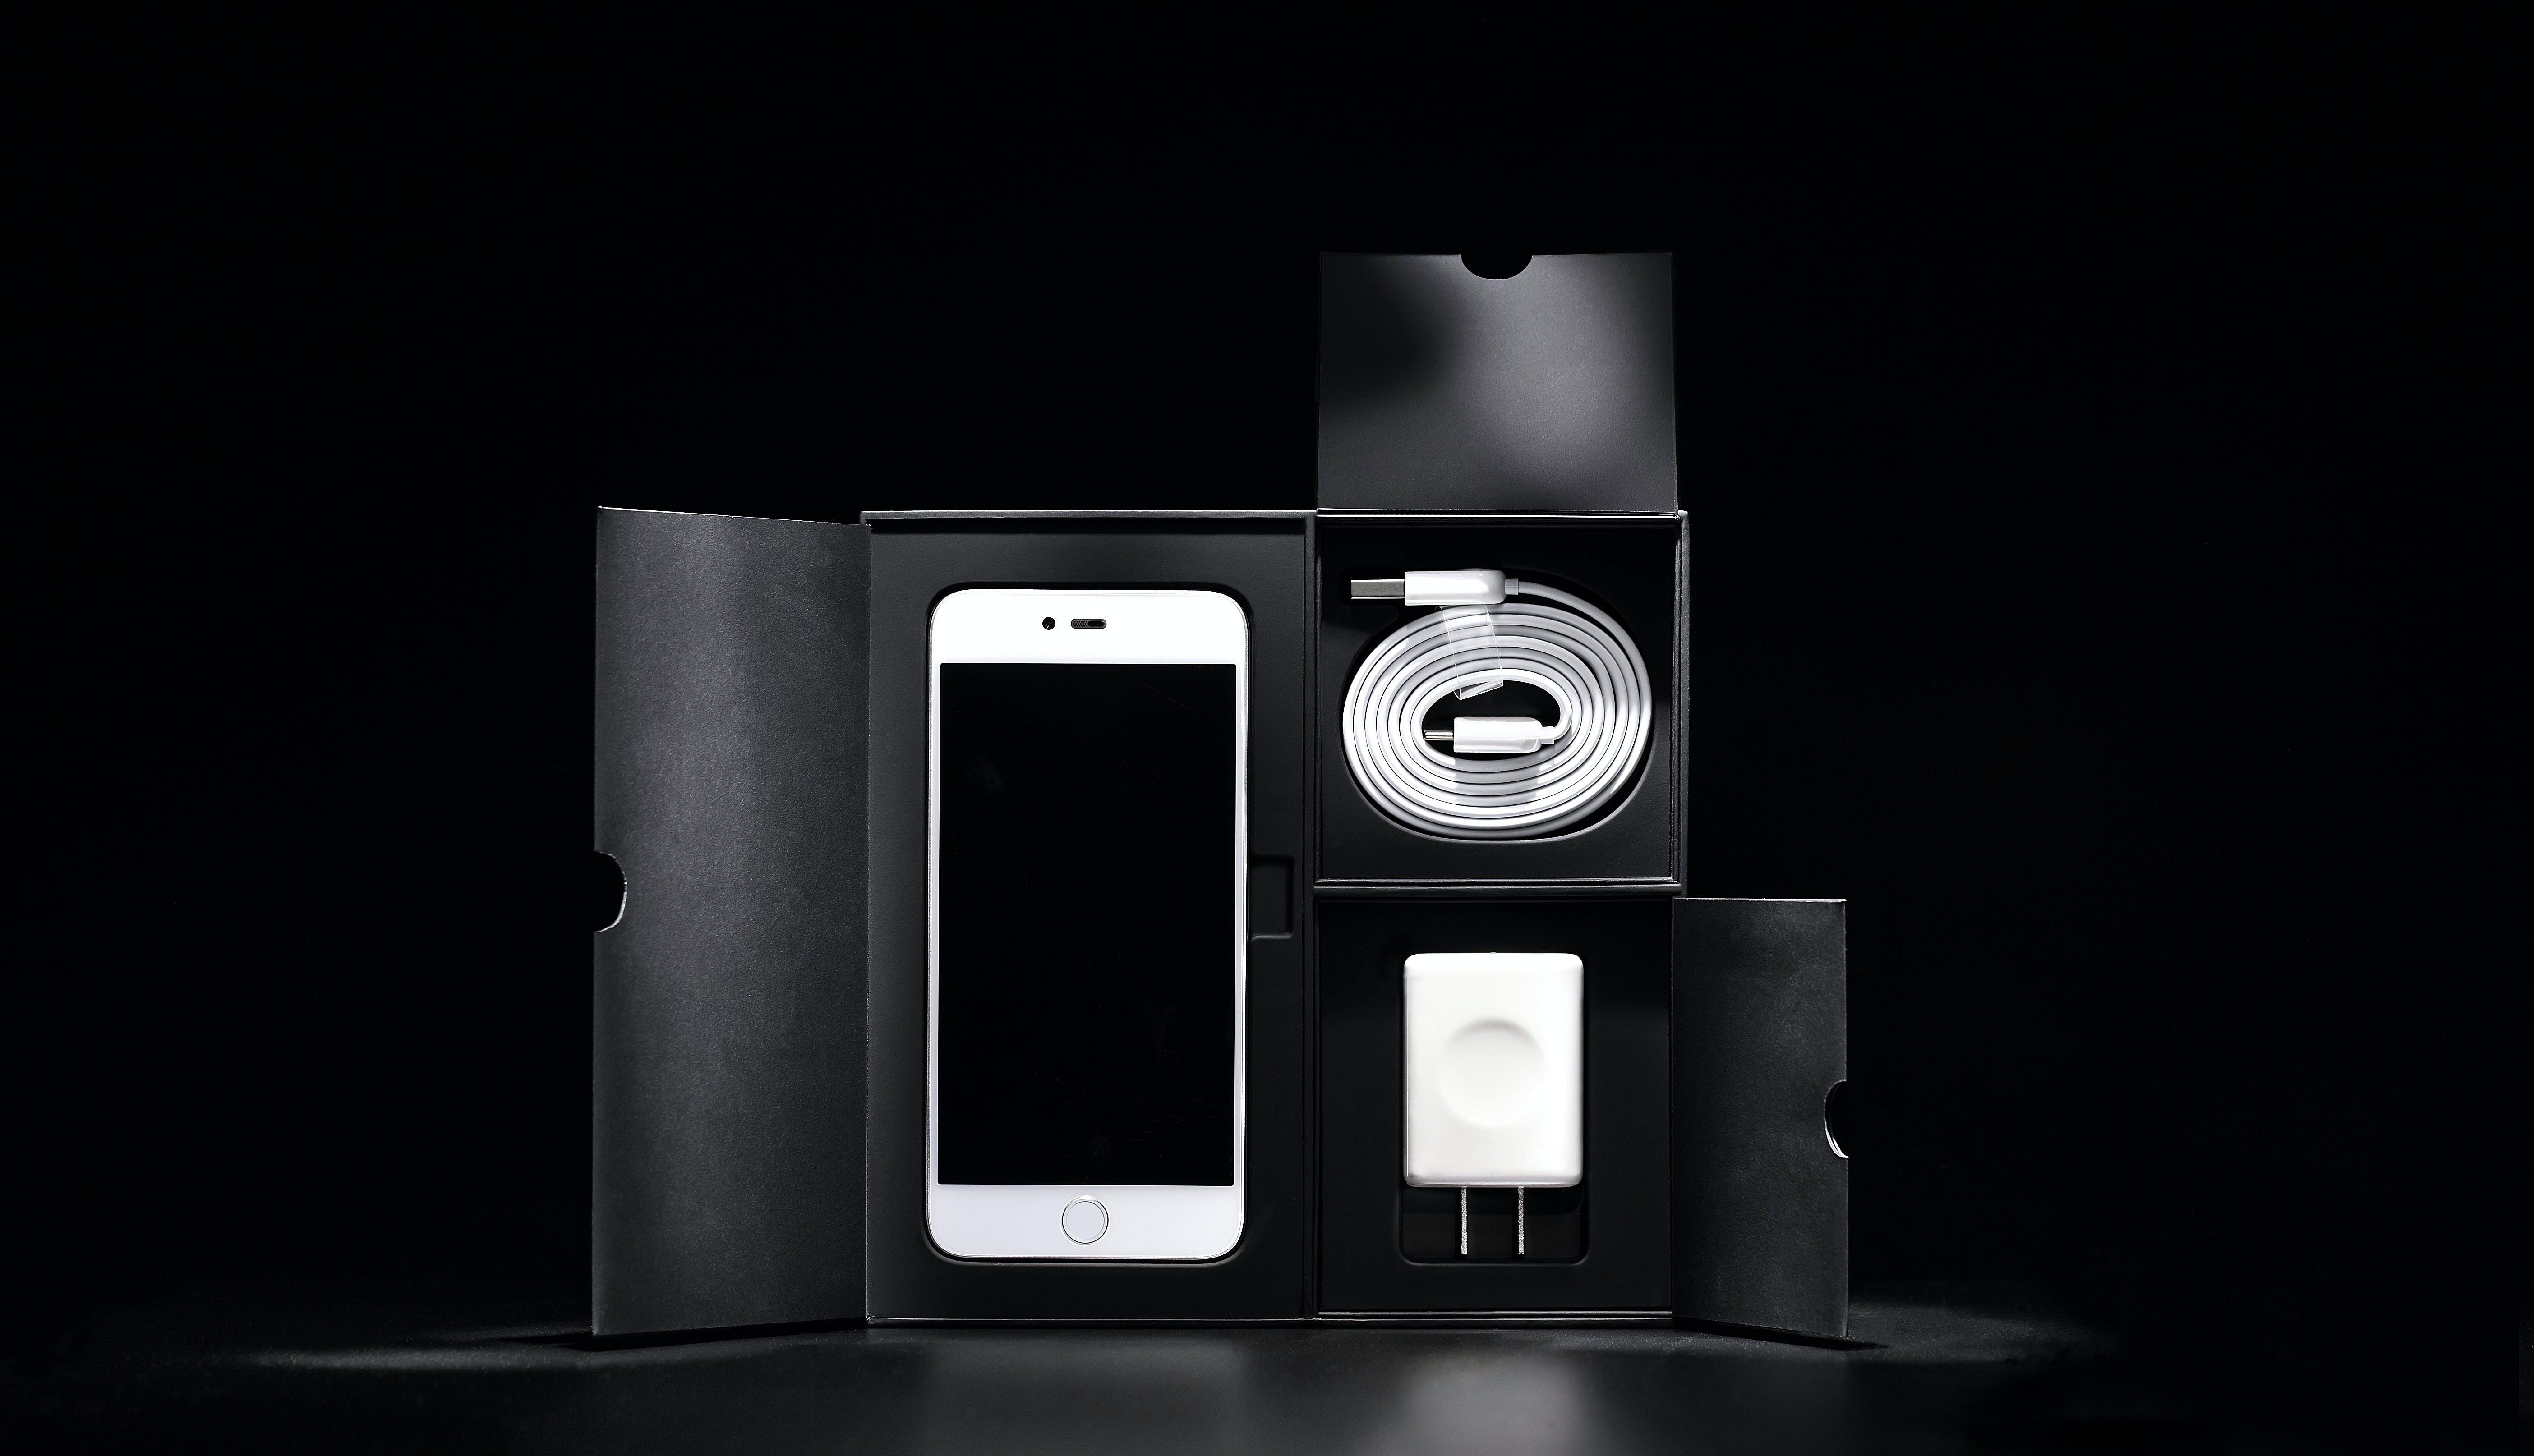 ガジェット, ケーブル充電器, スマートフォン, ダークの無料の写真素材